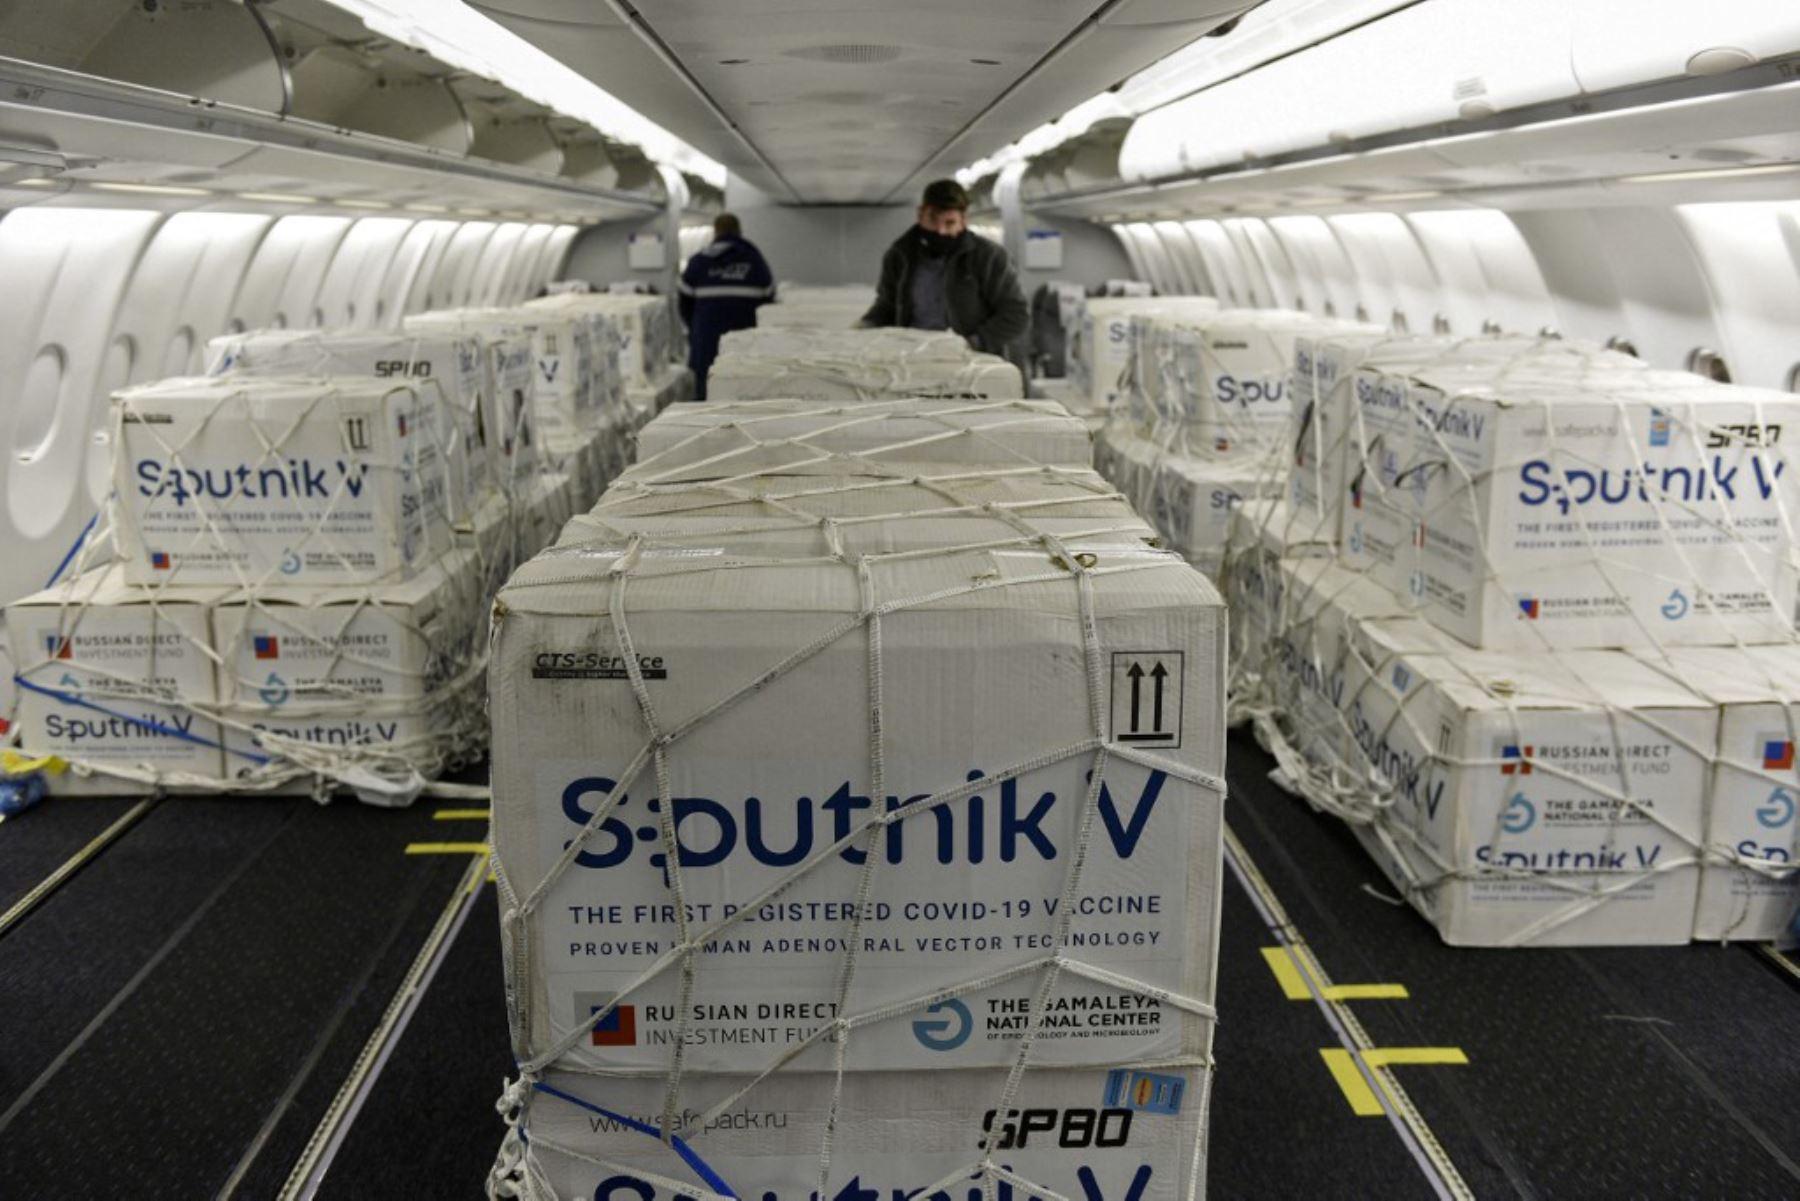 Rusia afirma que su vacuna Sputnik V superó los obstáculos para ser registrada en la OMS